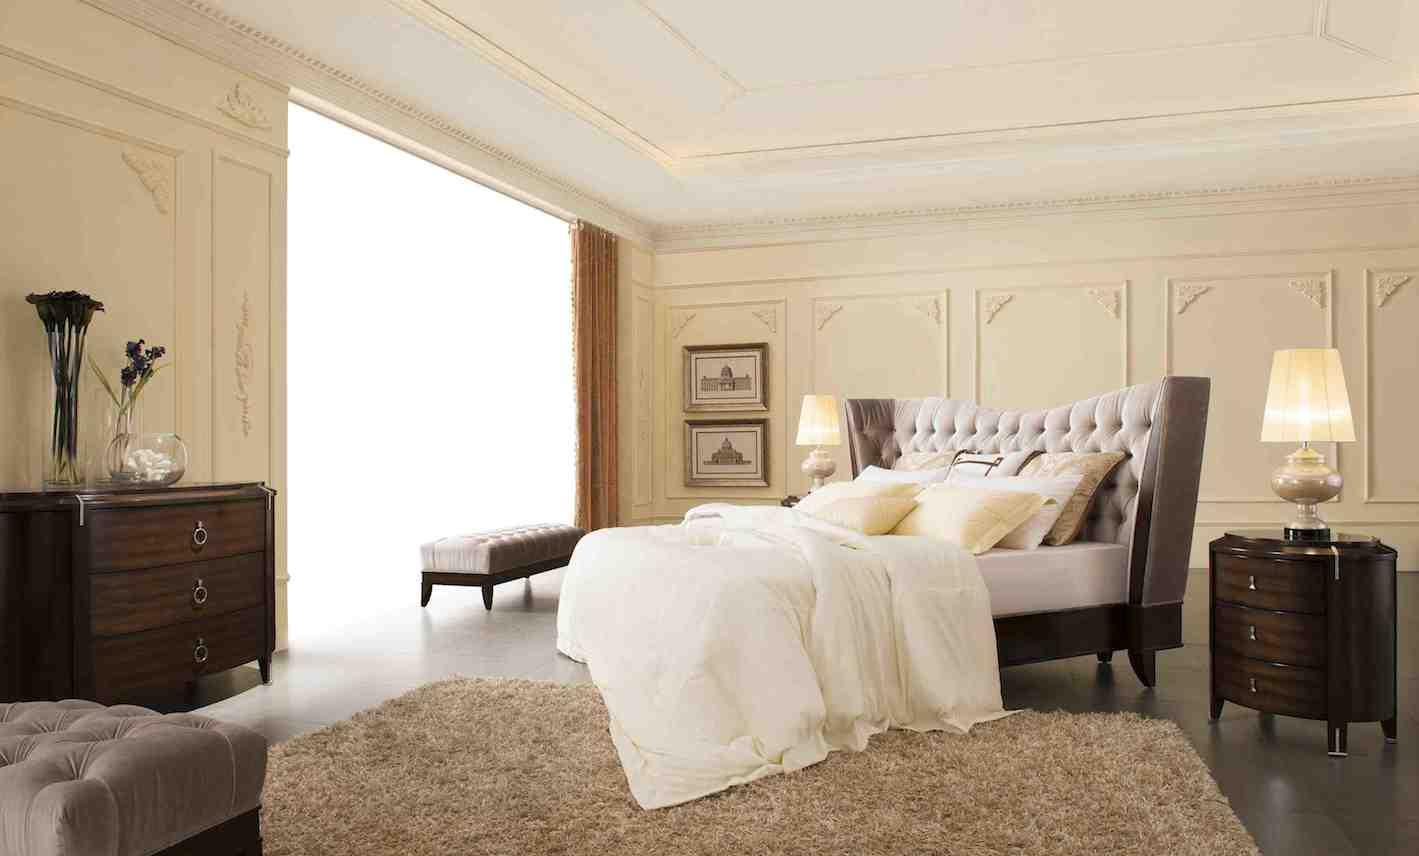 La Rana Furniture Bedroom Luxurious Bedrooms 5 Luxurious Bedrooms 5 Luxurious Bedrooms